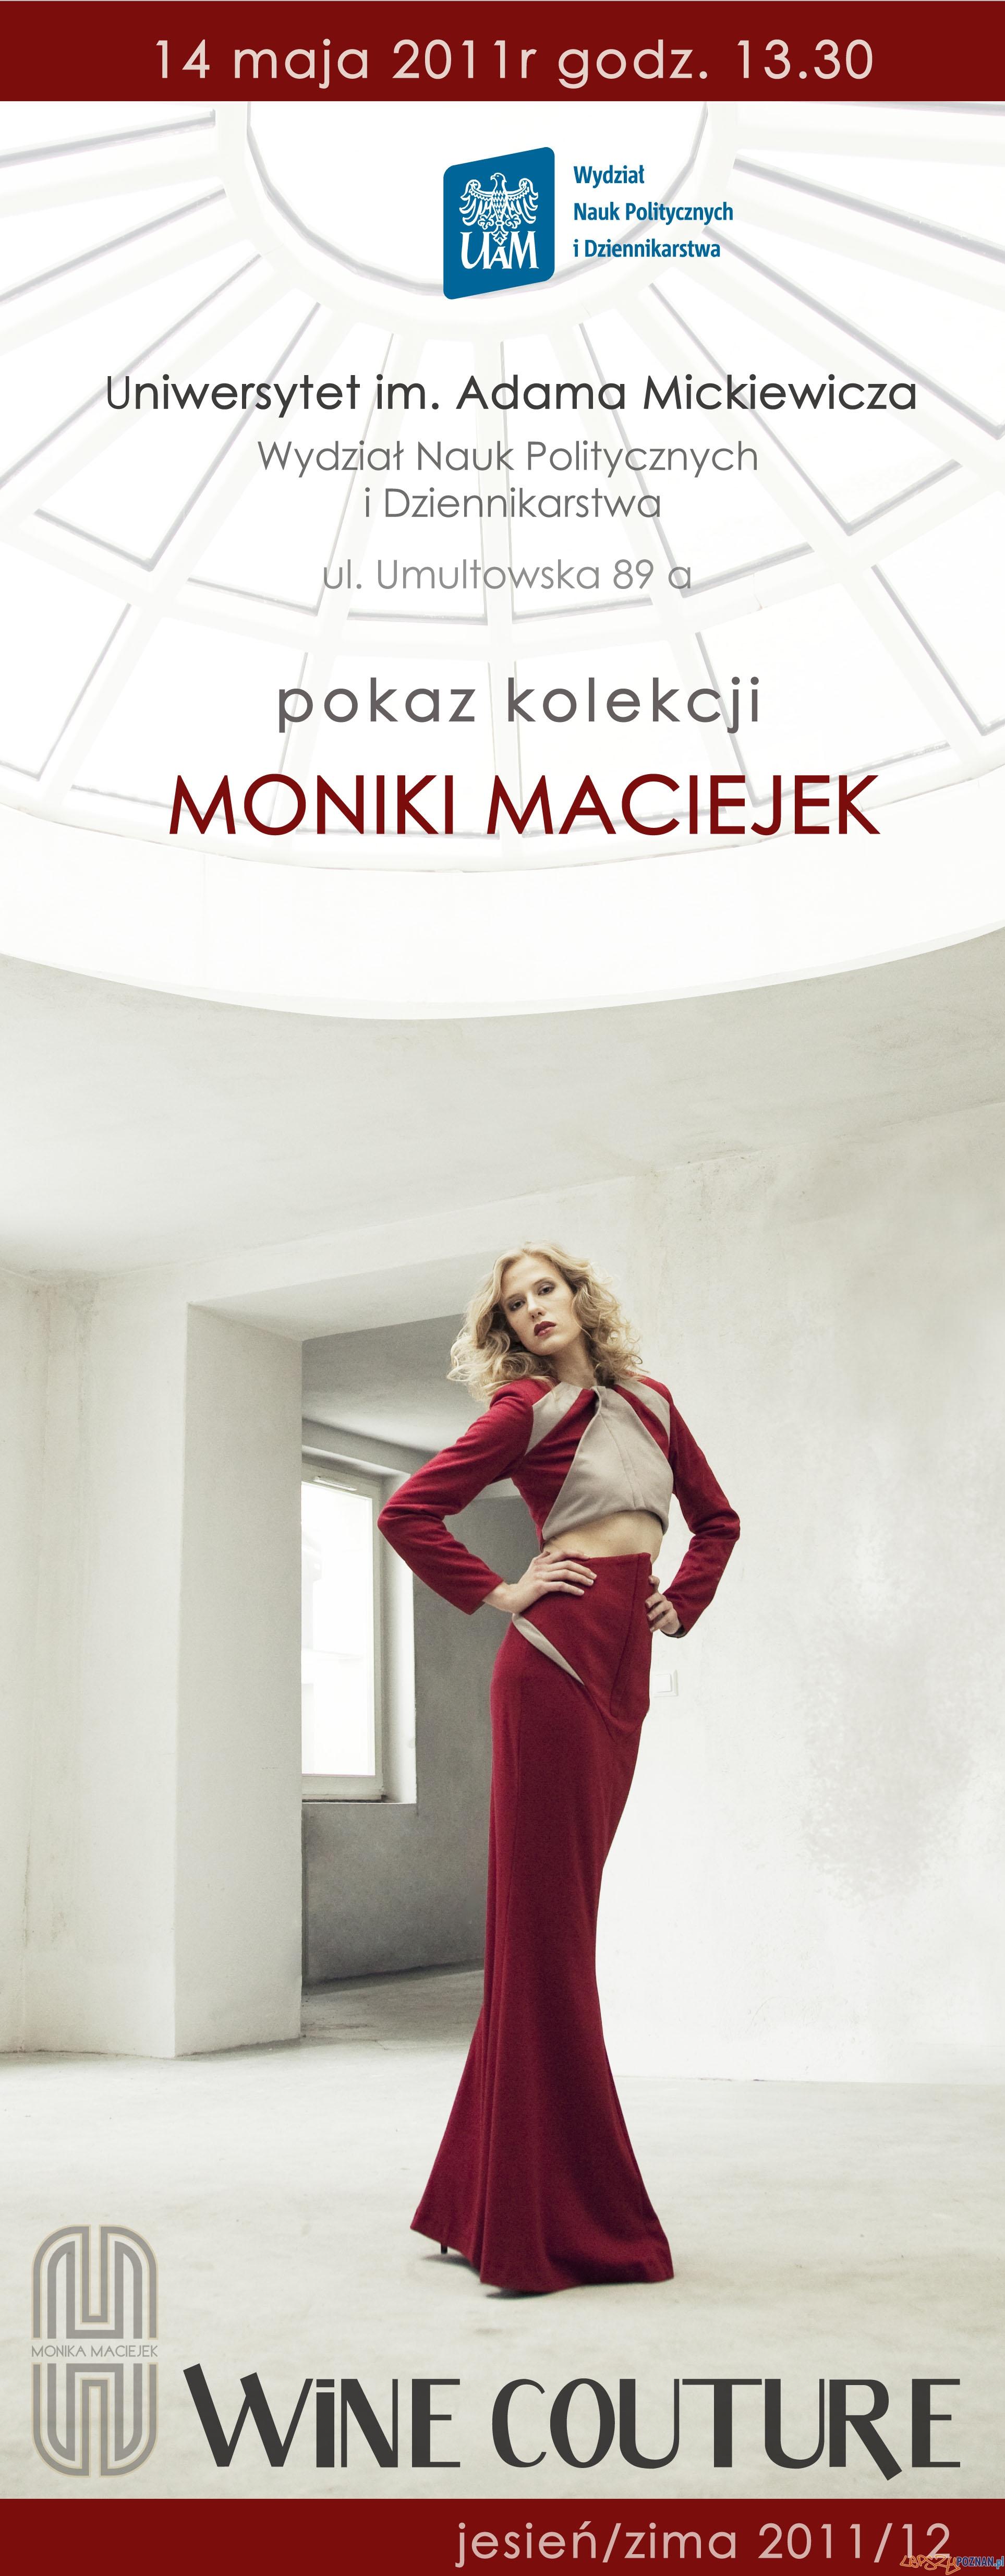 Monika Maciejek  Foto: Monika Maciejek